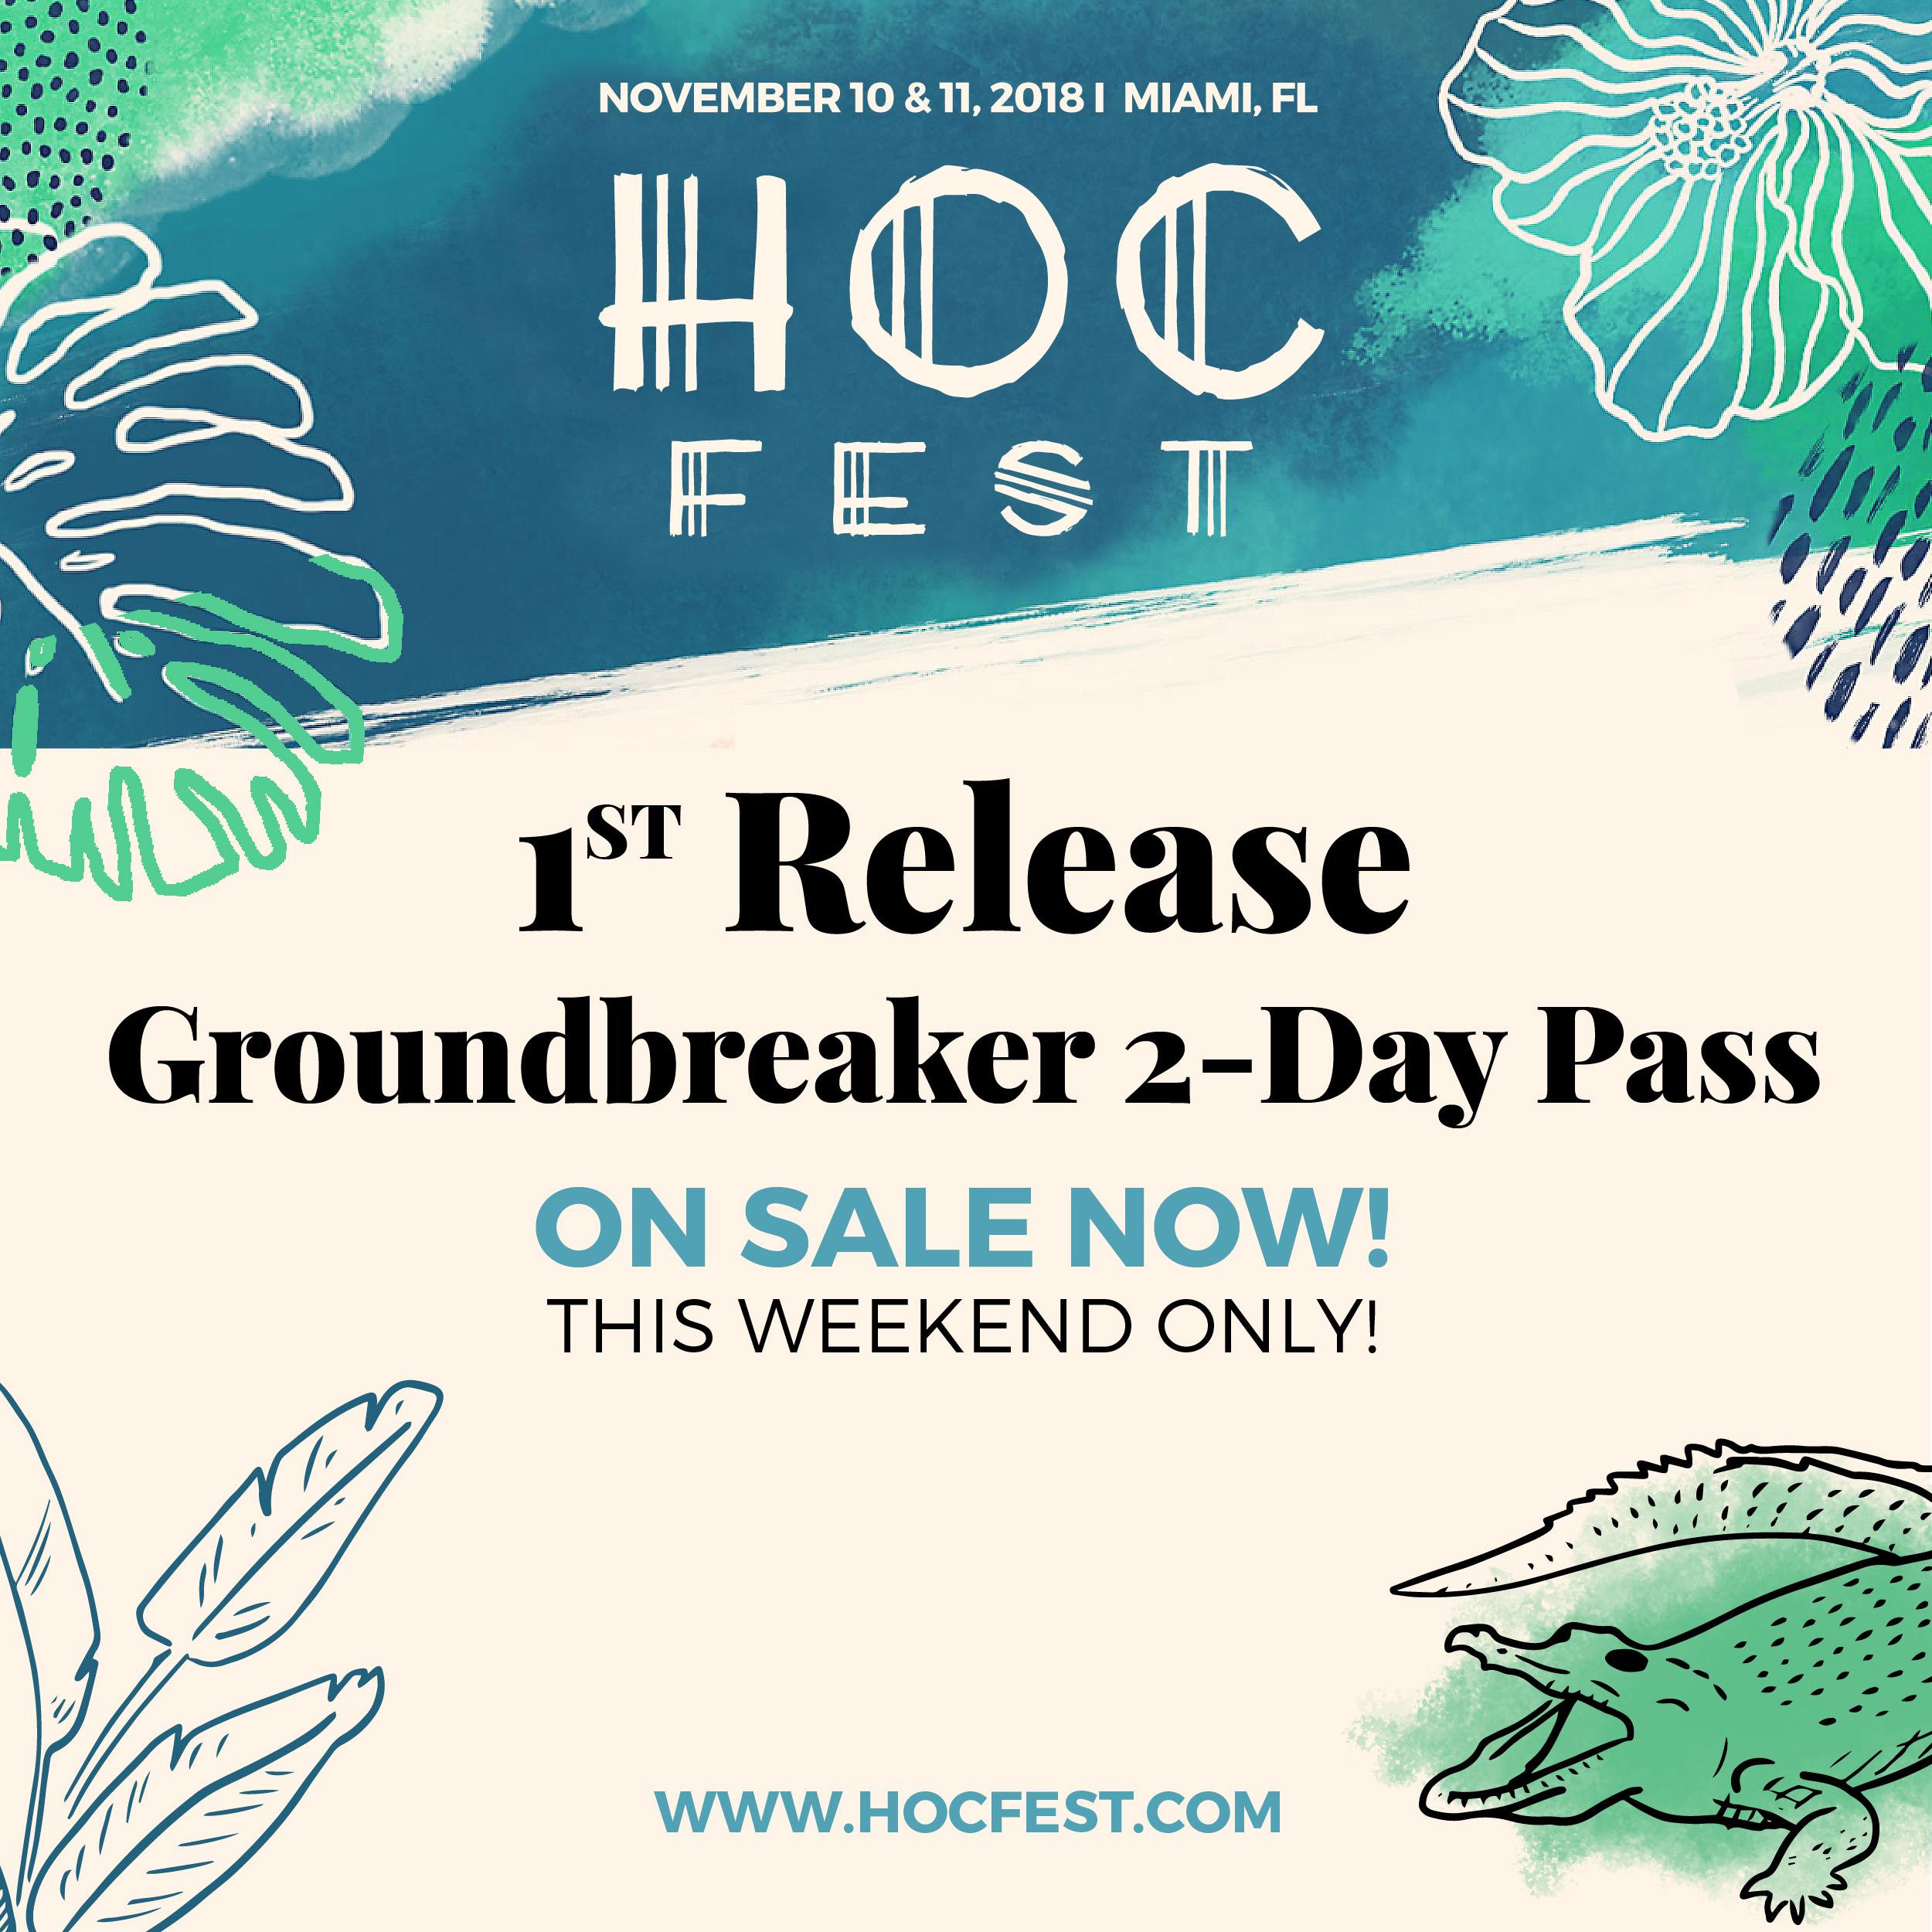 HOC Fest 2018